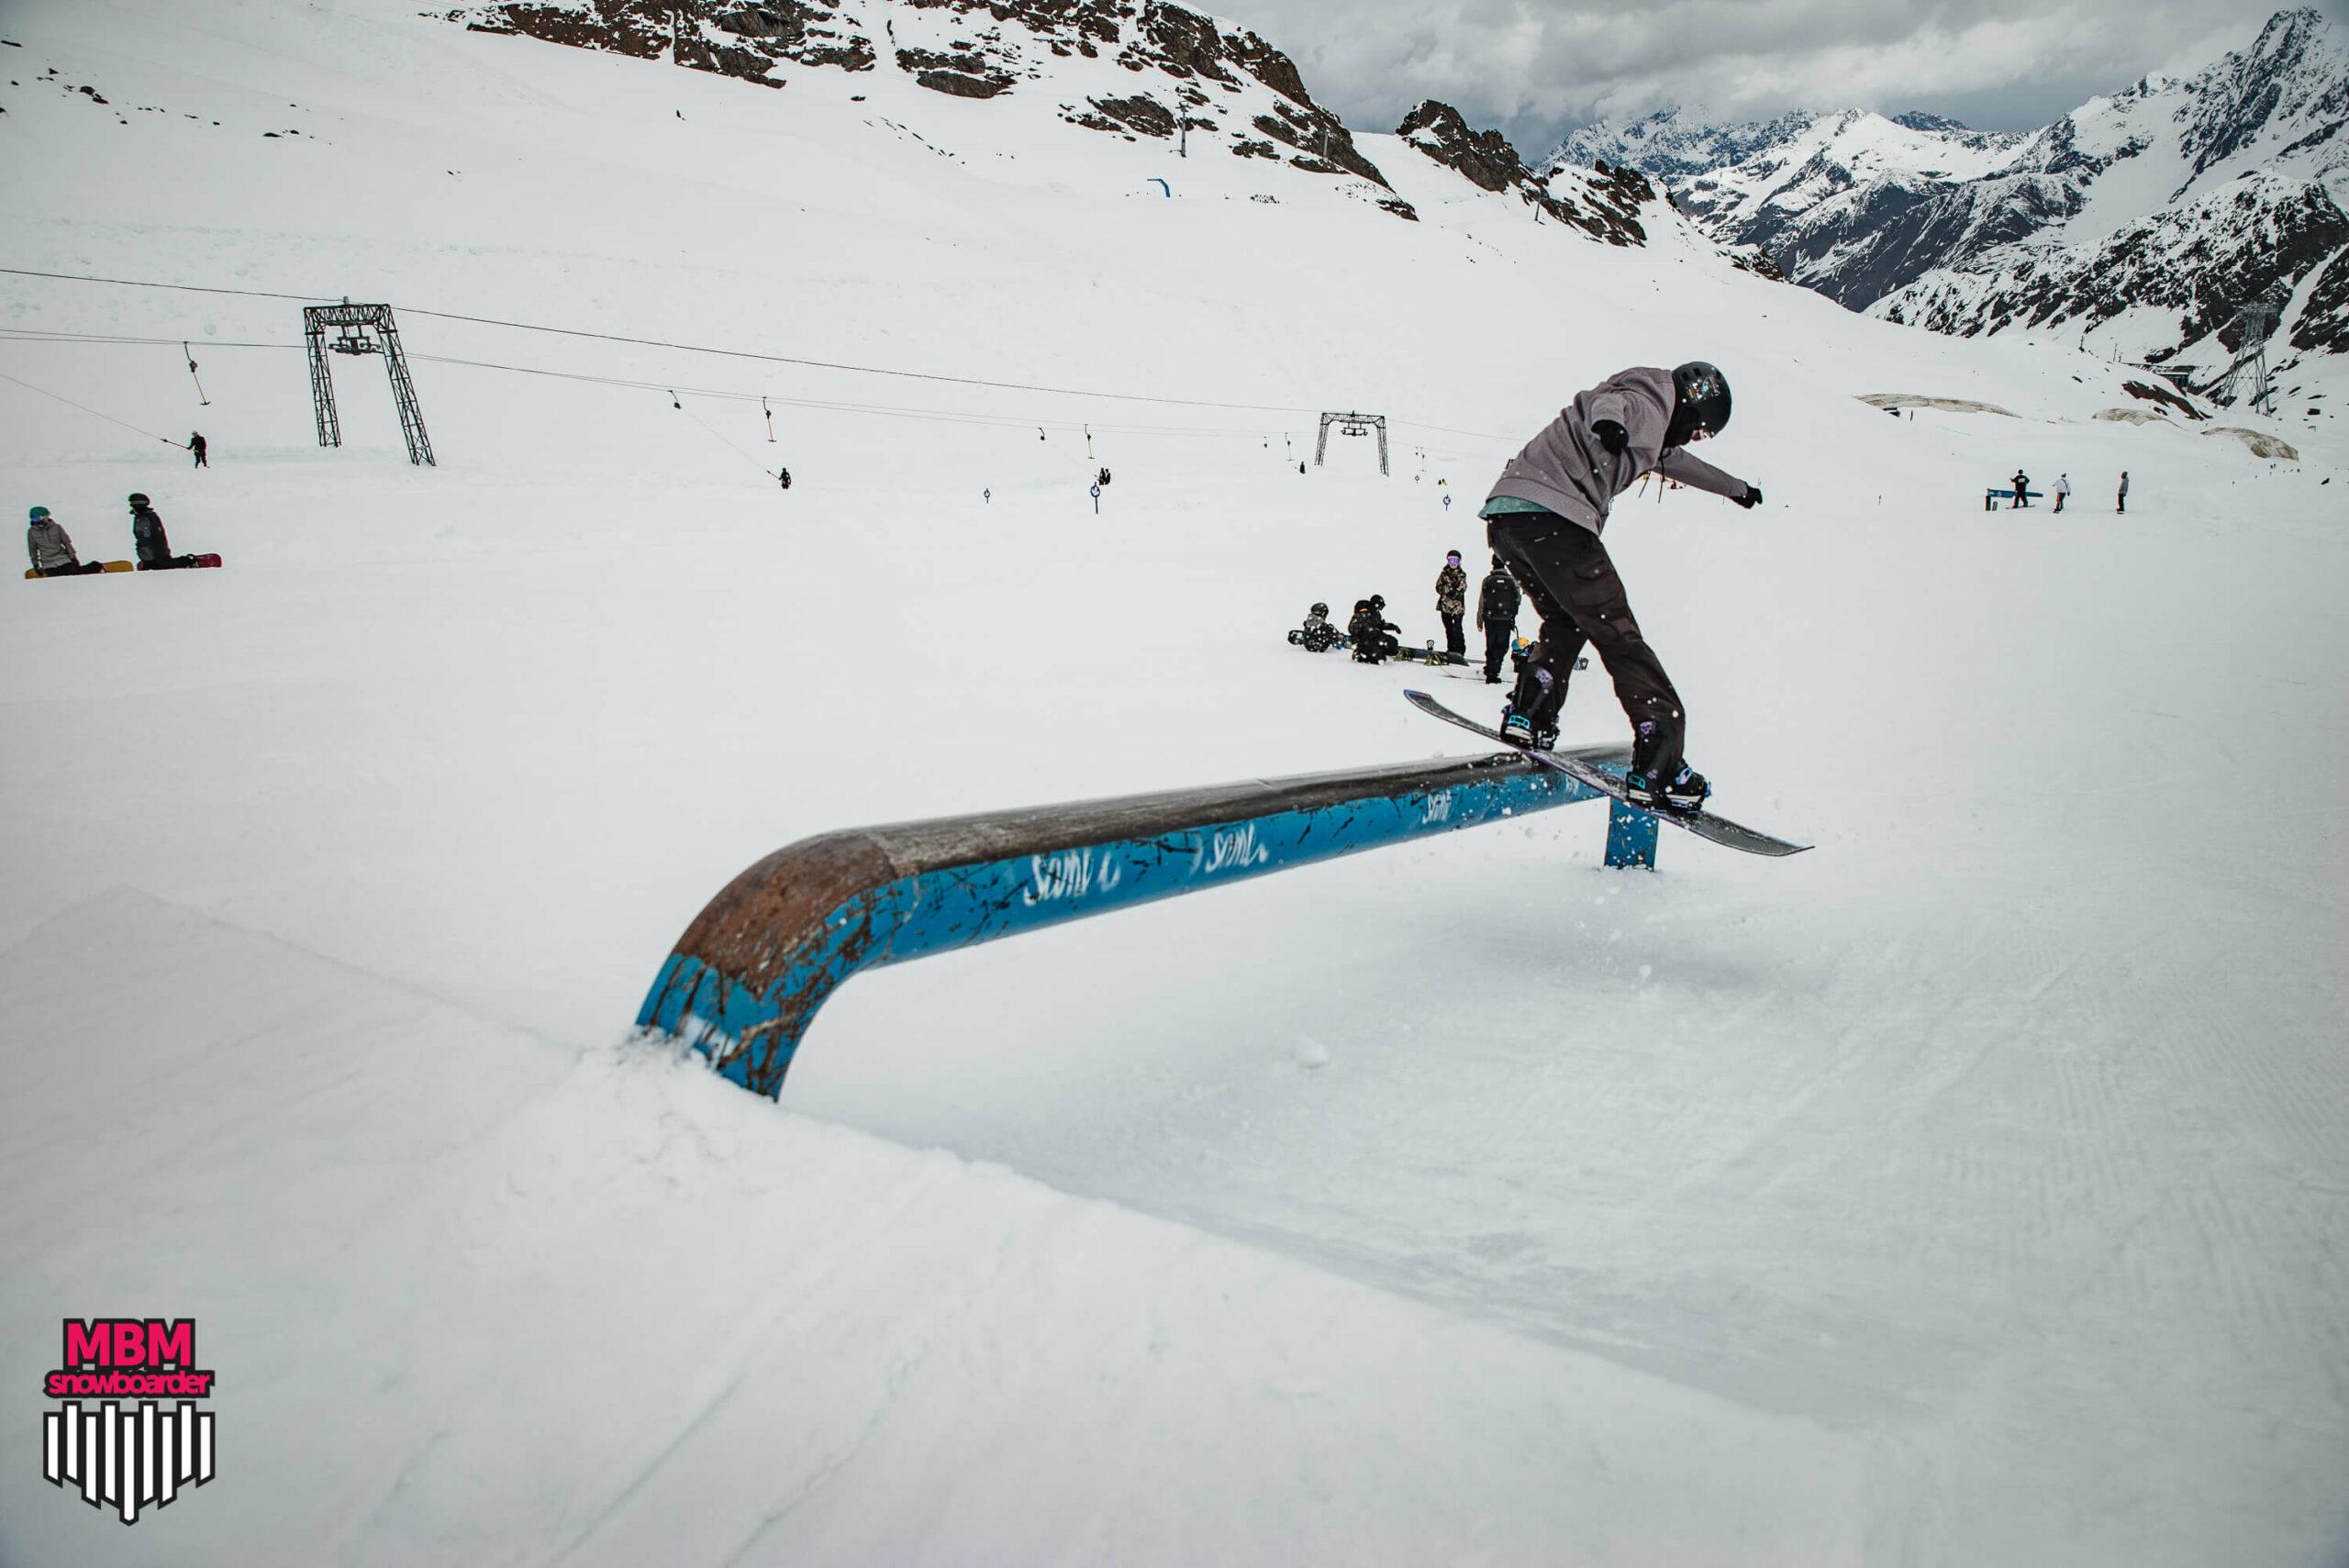 snowboarderMBM_sd_kaunertal_064